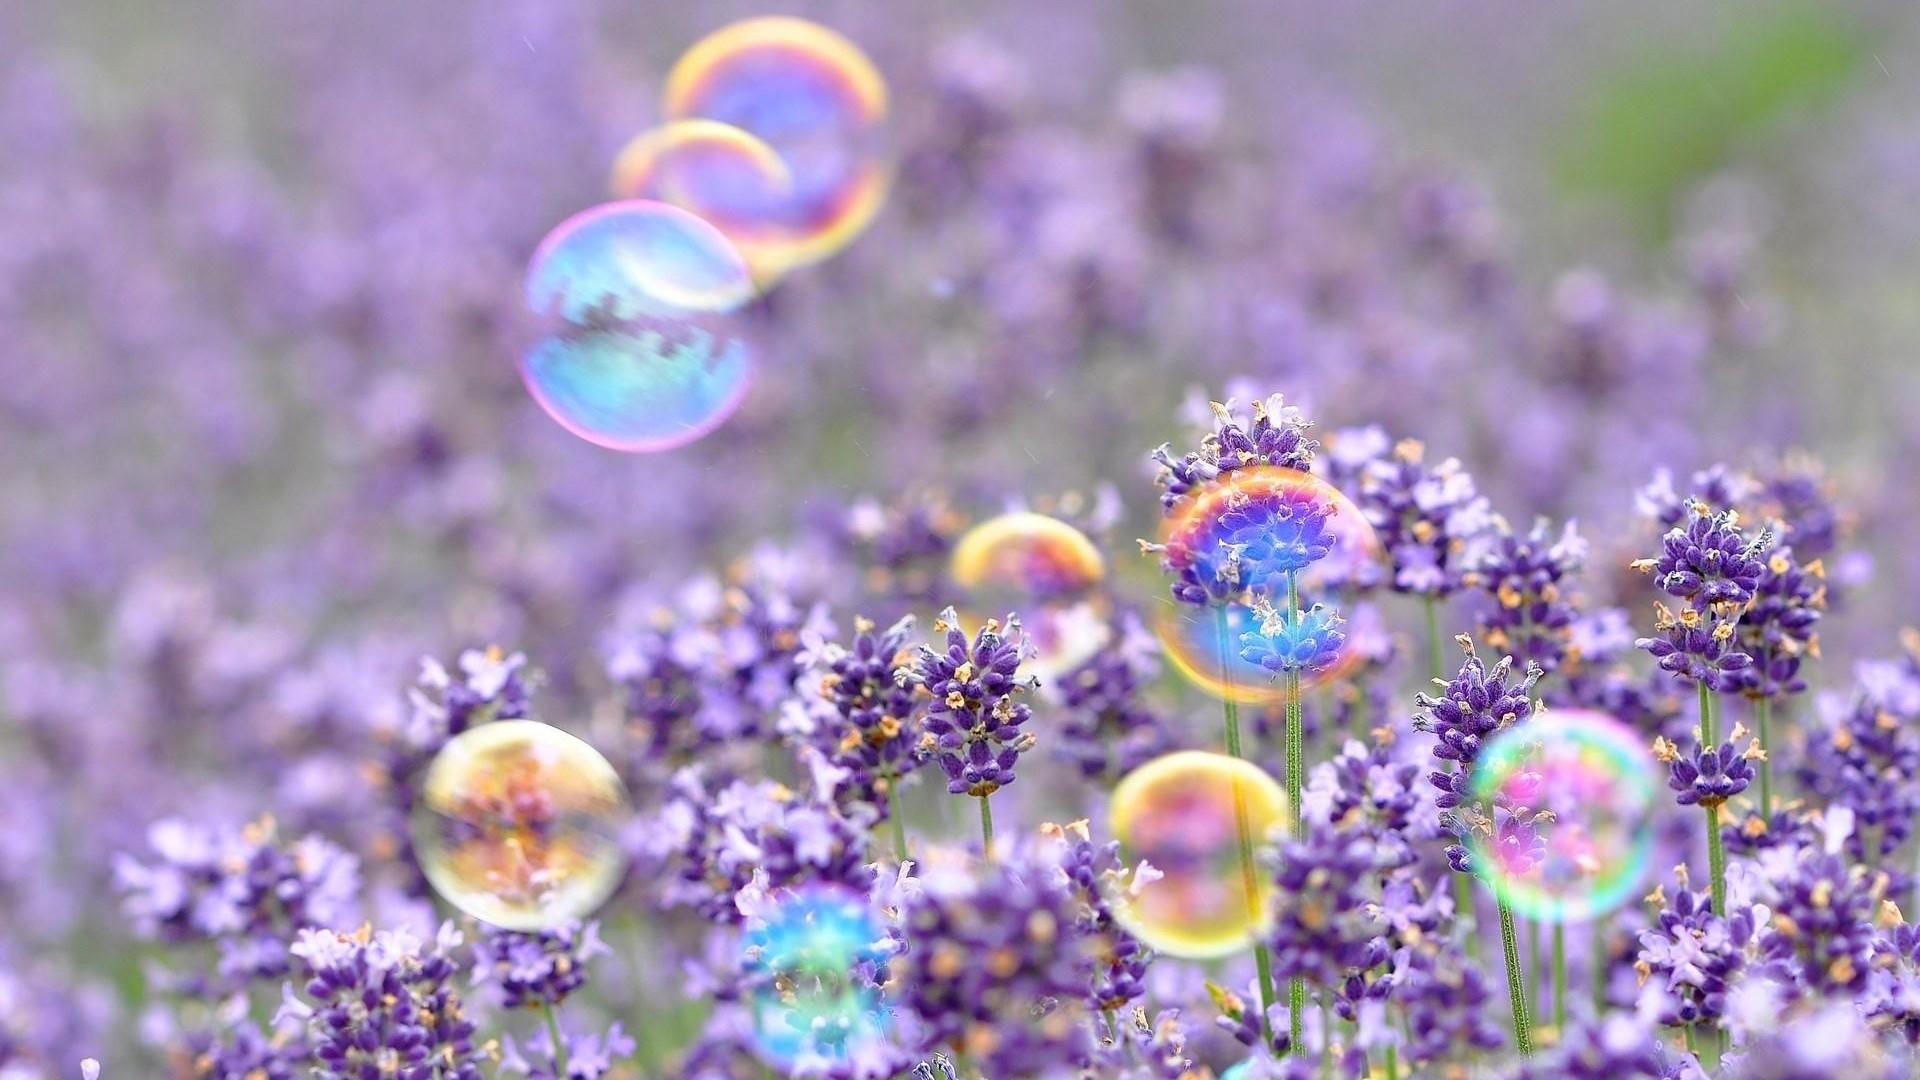 Sfondi full hd desktop fiori 86 immagini for Immagini gratis per desktop primavera